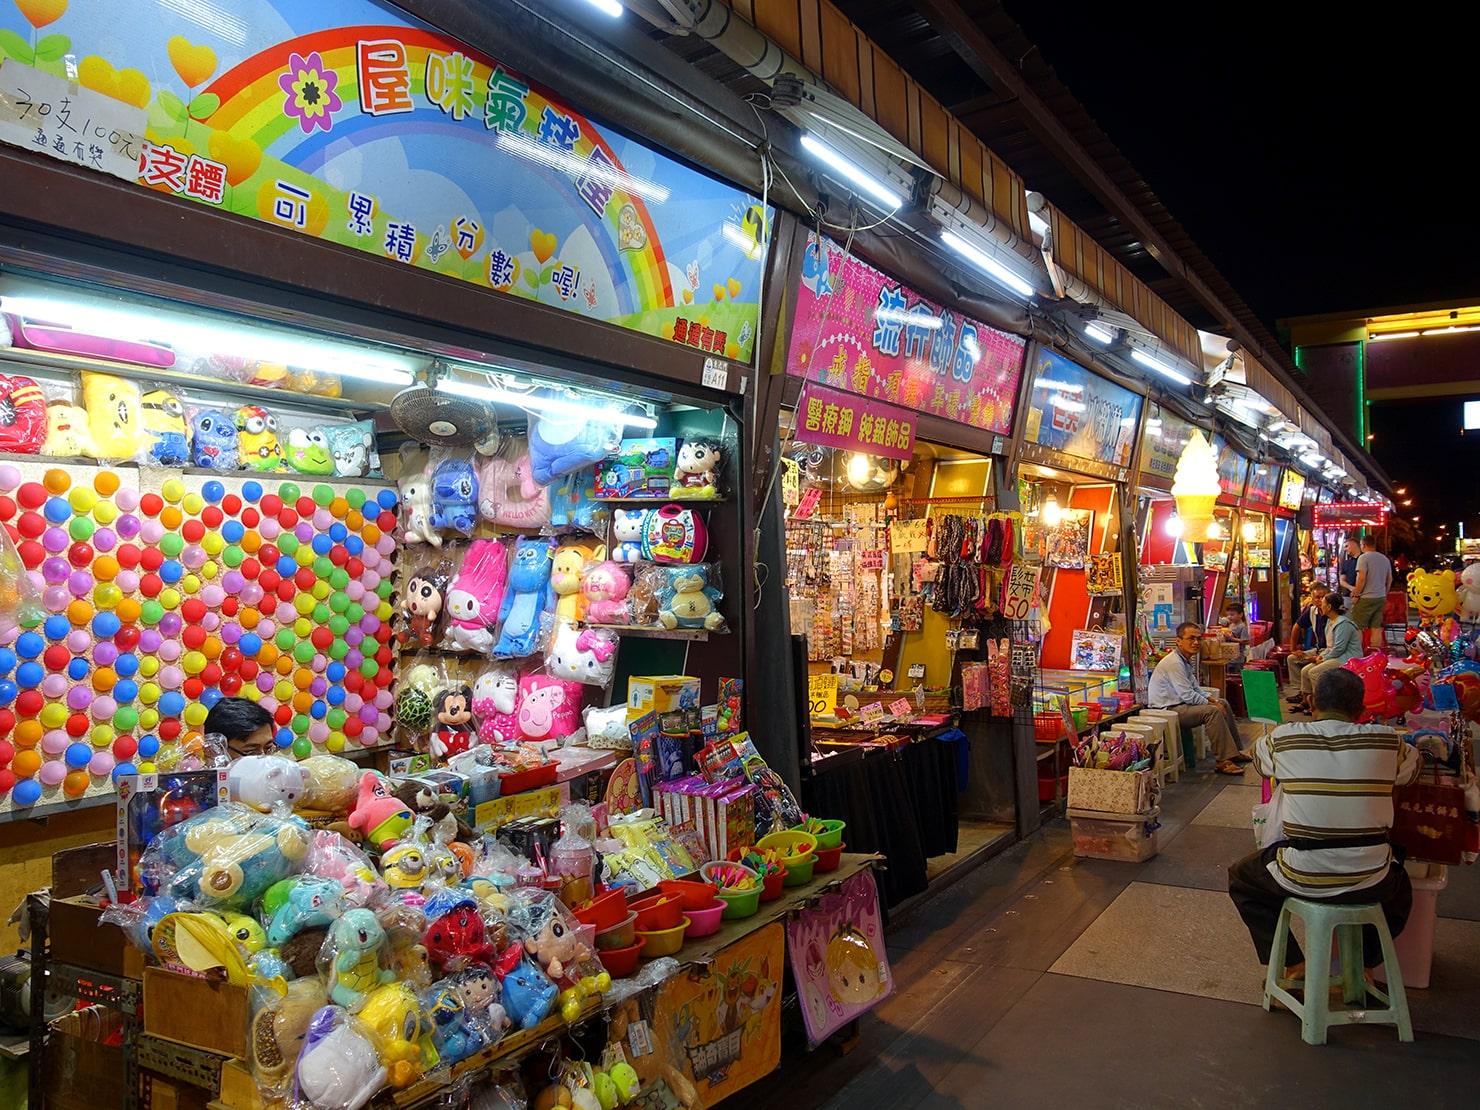 台湾・花蓮のおすすめ観光スポット「東大門夜市」のゲーム屋台